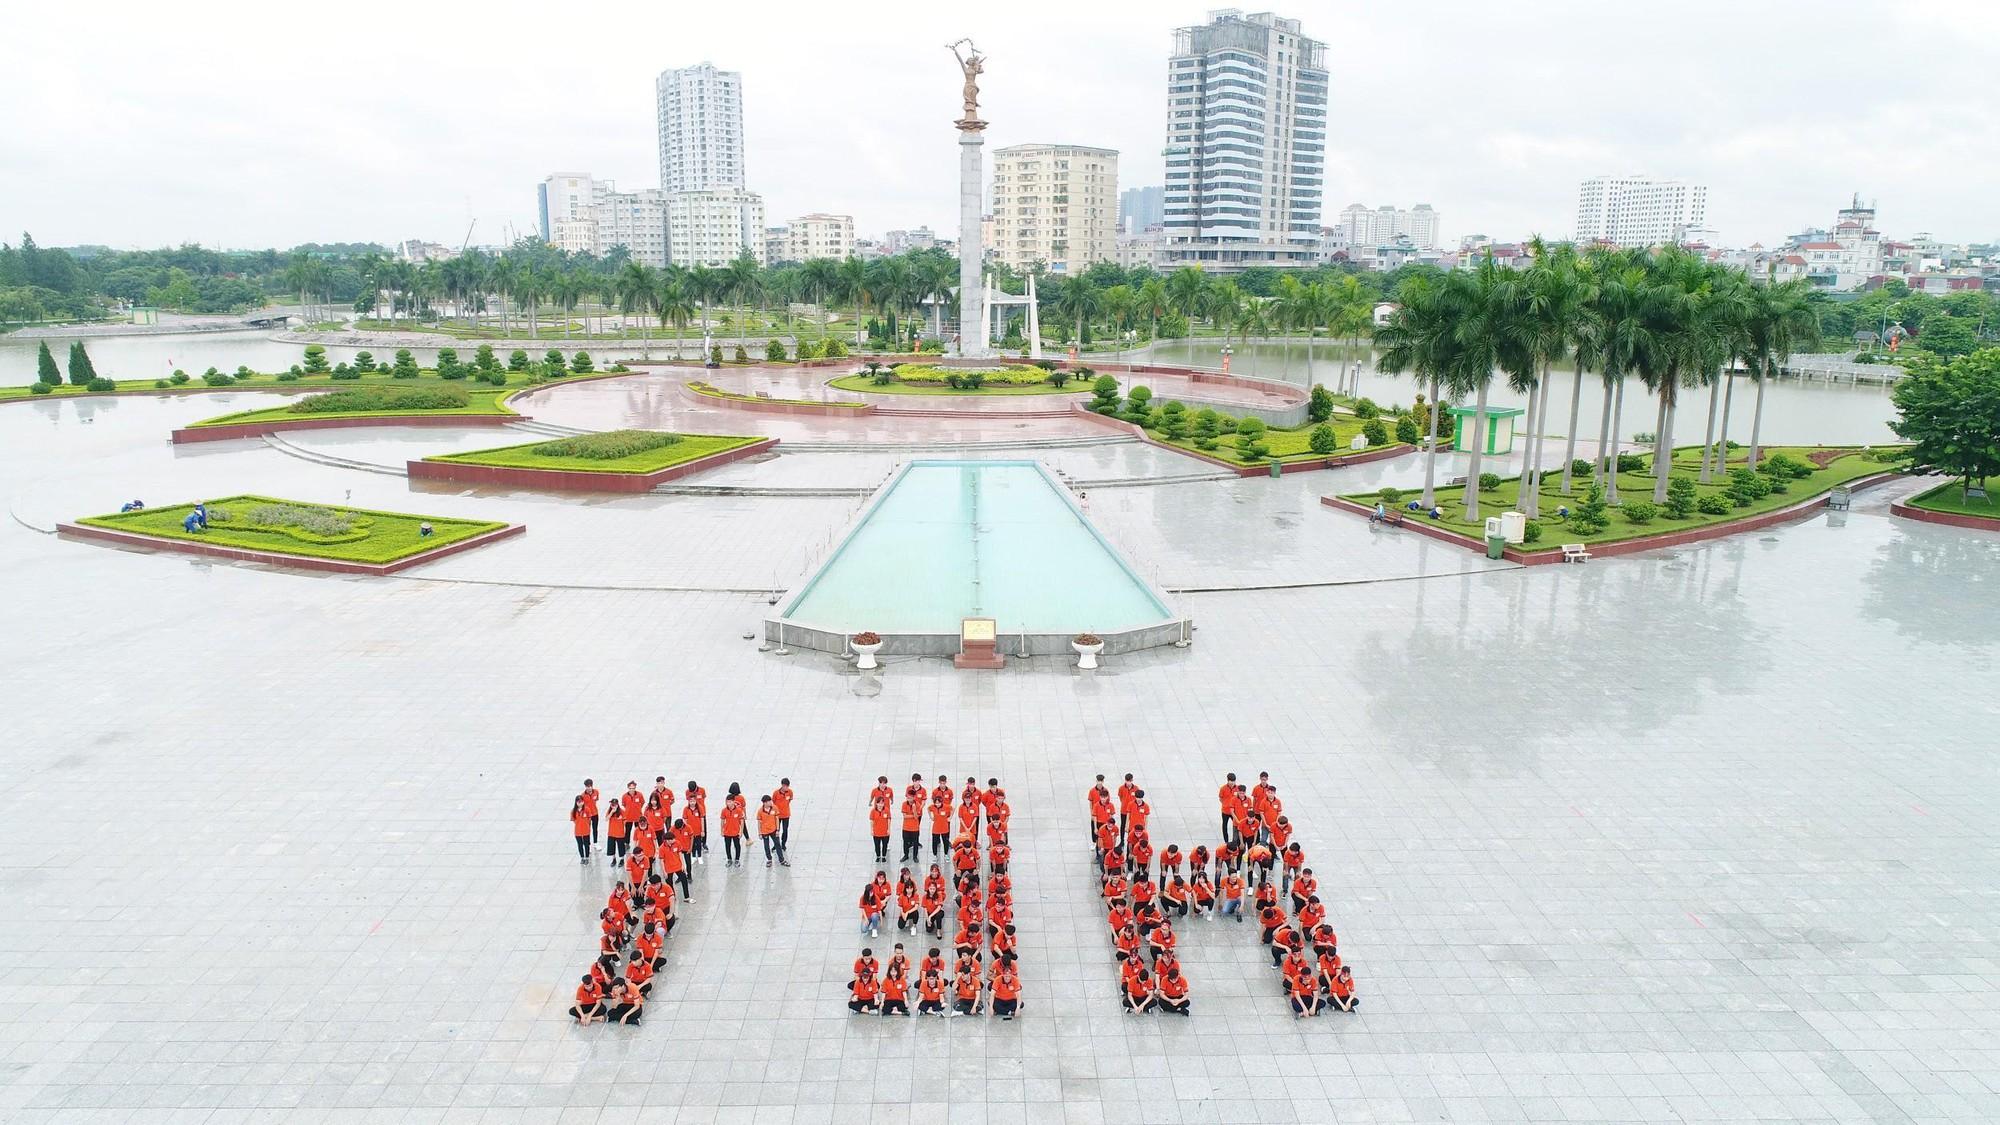 Tân sinh viên TTTH (T3H) nhảy flashmode chào đón Quốc khánh - Ảnh 4.